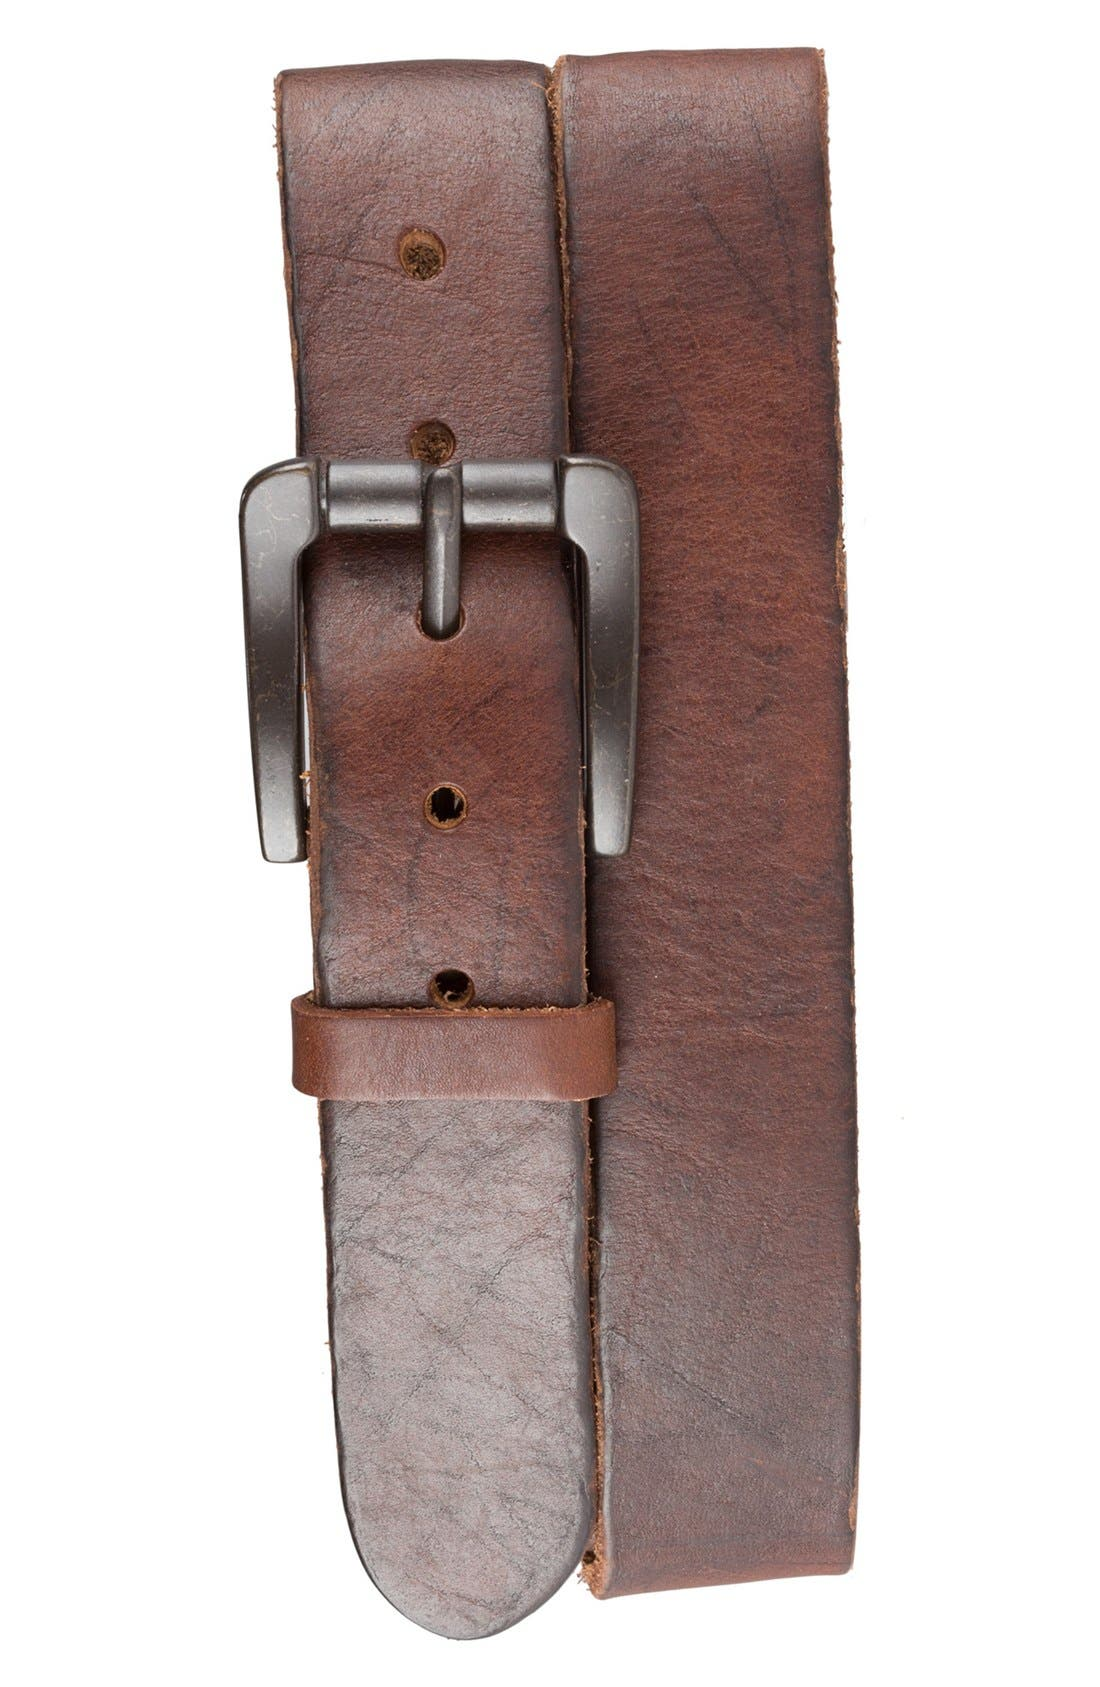 Alternate Image 1 Selected - Bill Adler 1981 Vintage Leather Belt